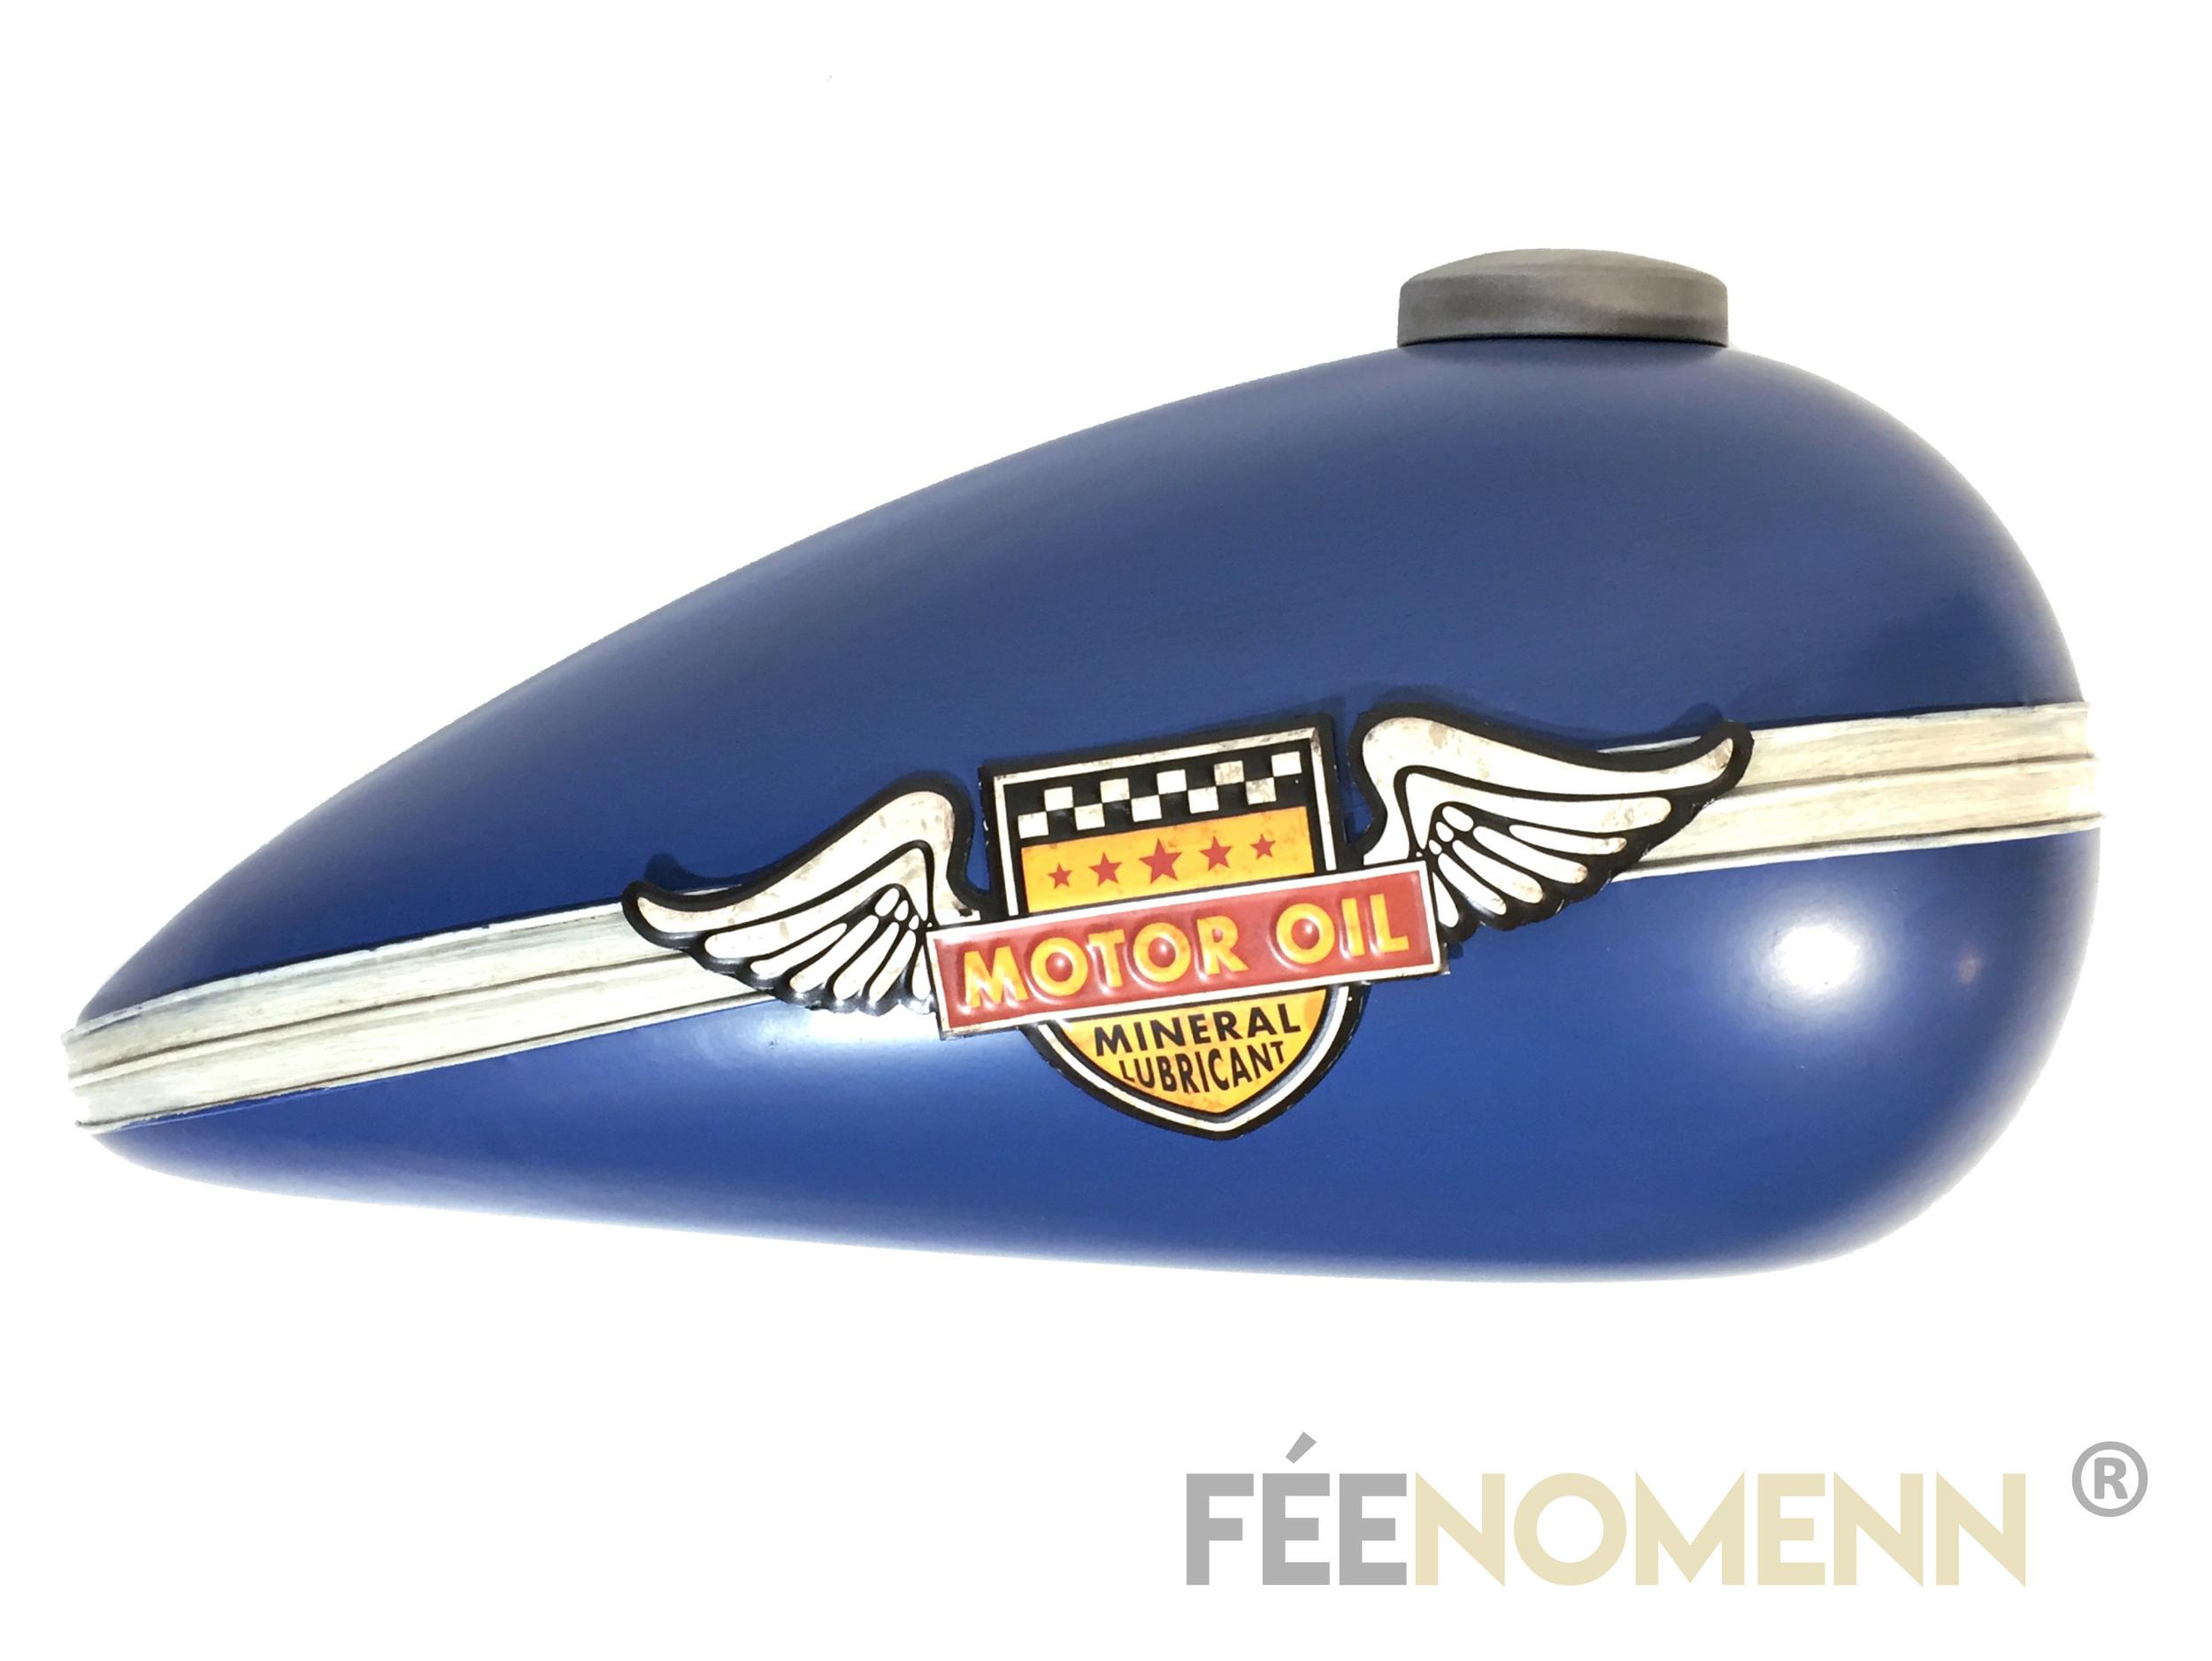 Déco Murale Vintage en Métal - Forme Réservoir Moto Bleu - Motor Oil (52x26cm)